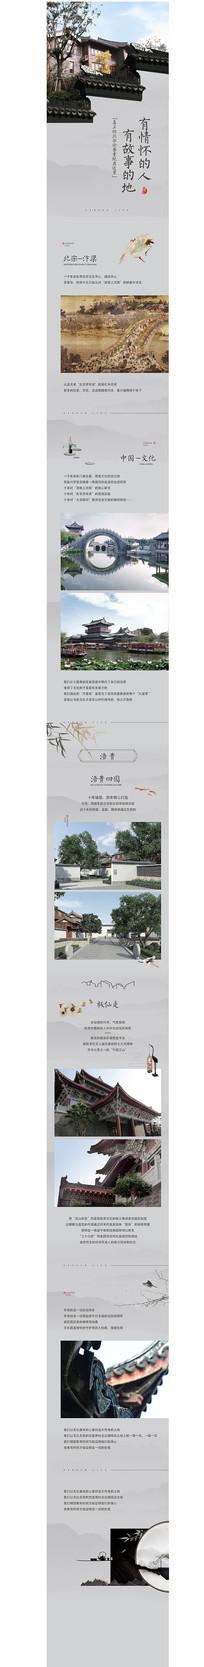 地产中国风古典微信长图